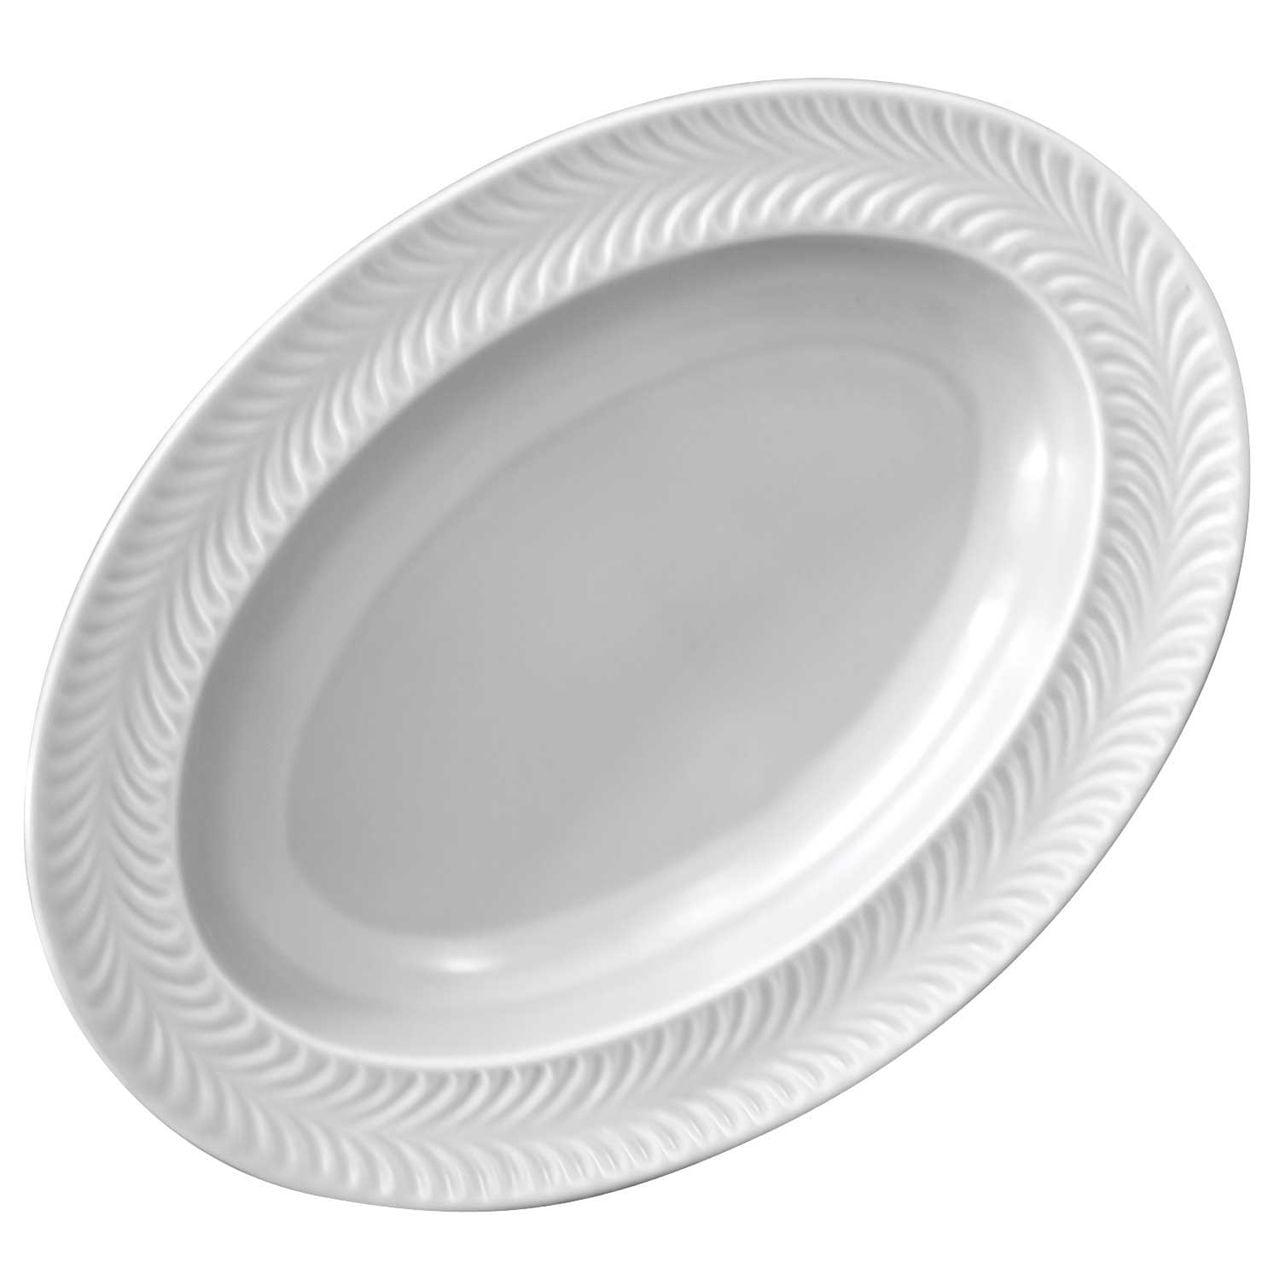 波佐見焼 翔芳窯 ローズマリー リムオーバル 皿 約27×19cm マットグレー 33399